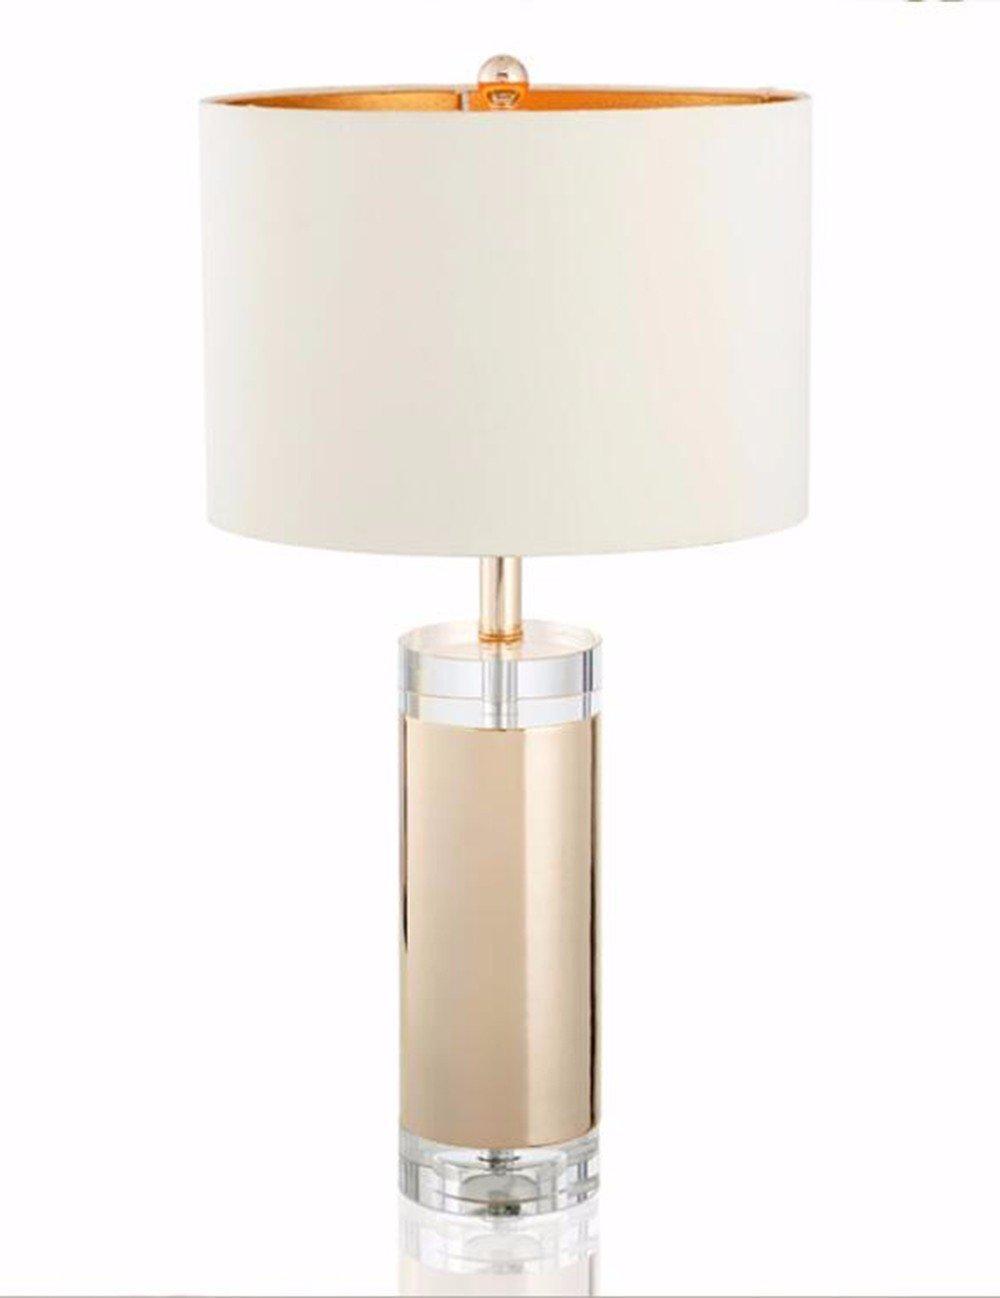 CJSHV-lampada da tavolo moderno semplice oroen crystal, creativo di torta rotonda, crystal lampada, lussuosa camera, american abat - jour